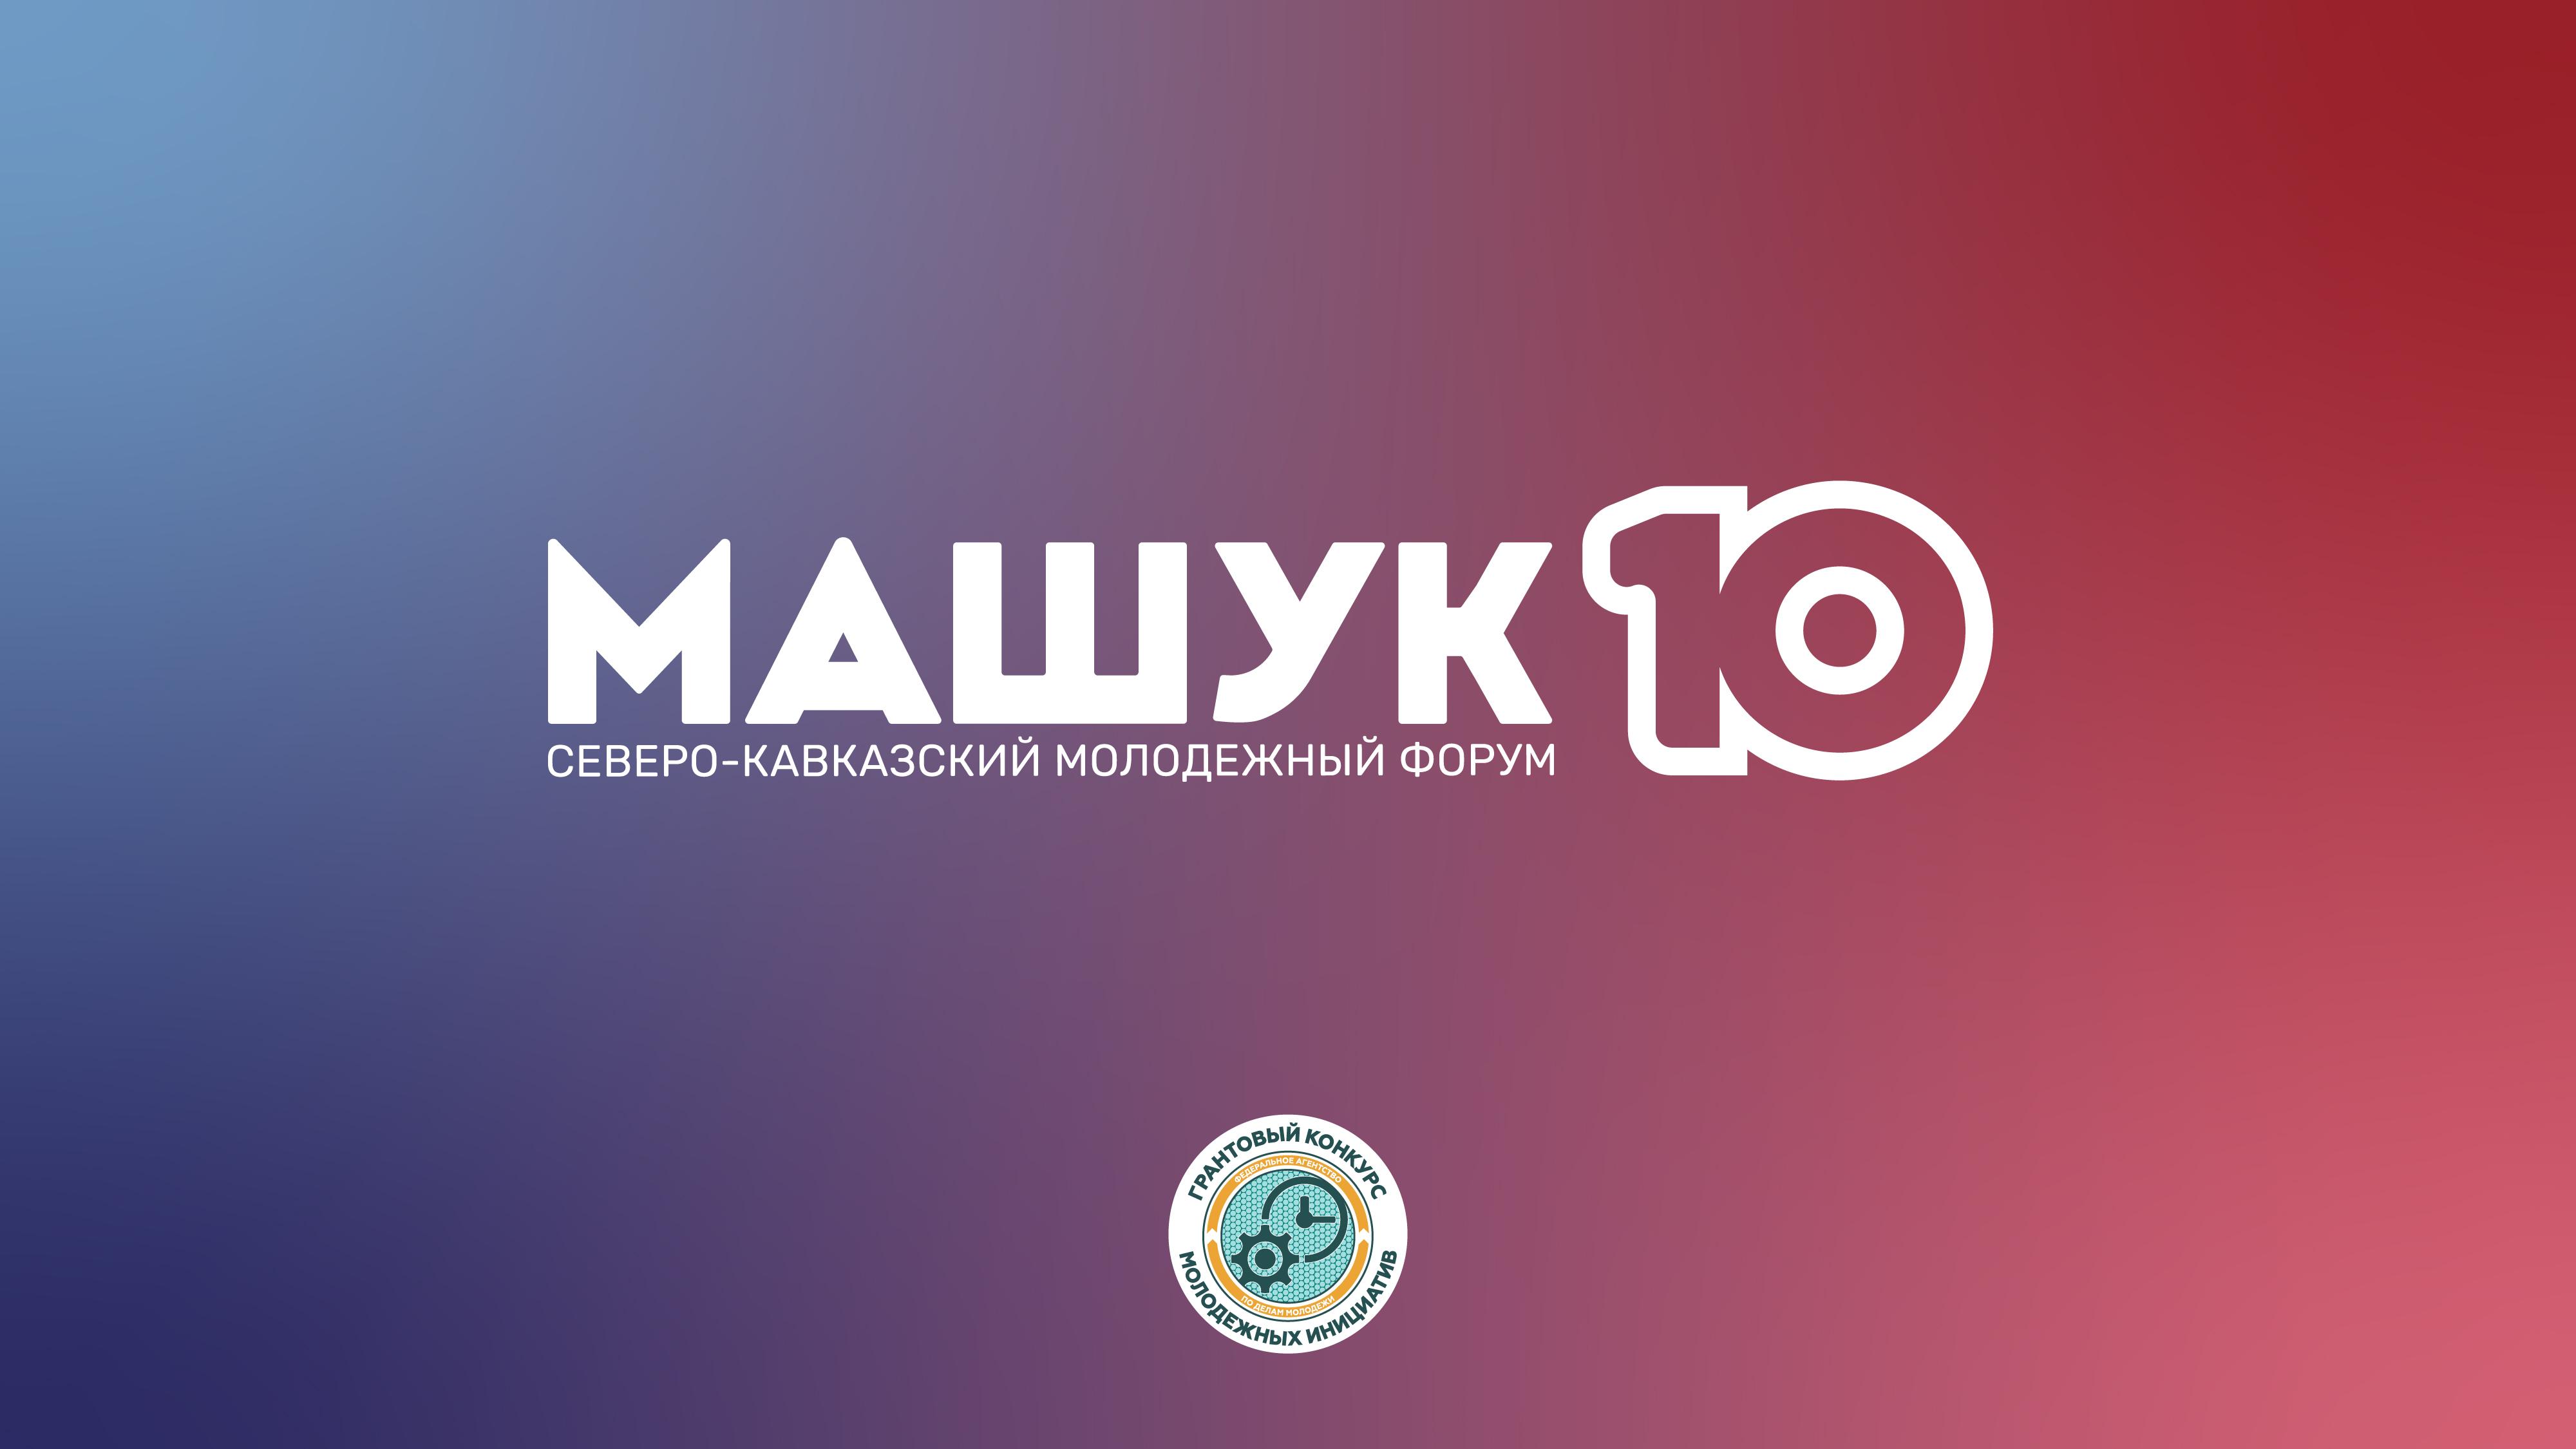 Владимир Иванов осмотрел дагестанский проект «Дерево жизни» на форуме «Машук-2019»